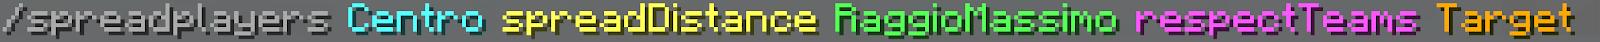 Immagine: parametri del comando Spreadplayers, che nel seguente elenco andiamo a spiegare.